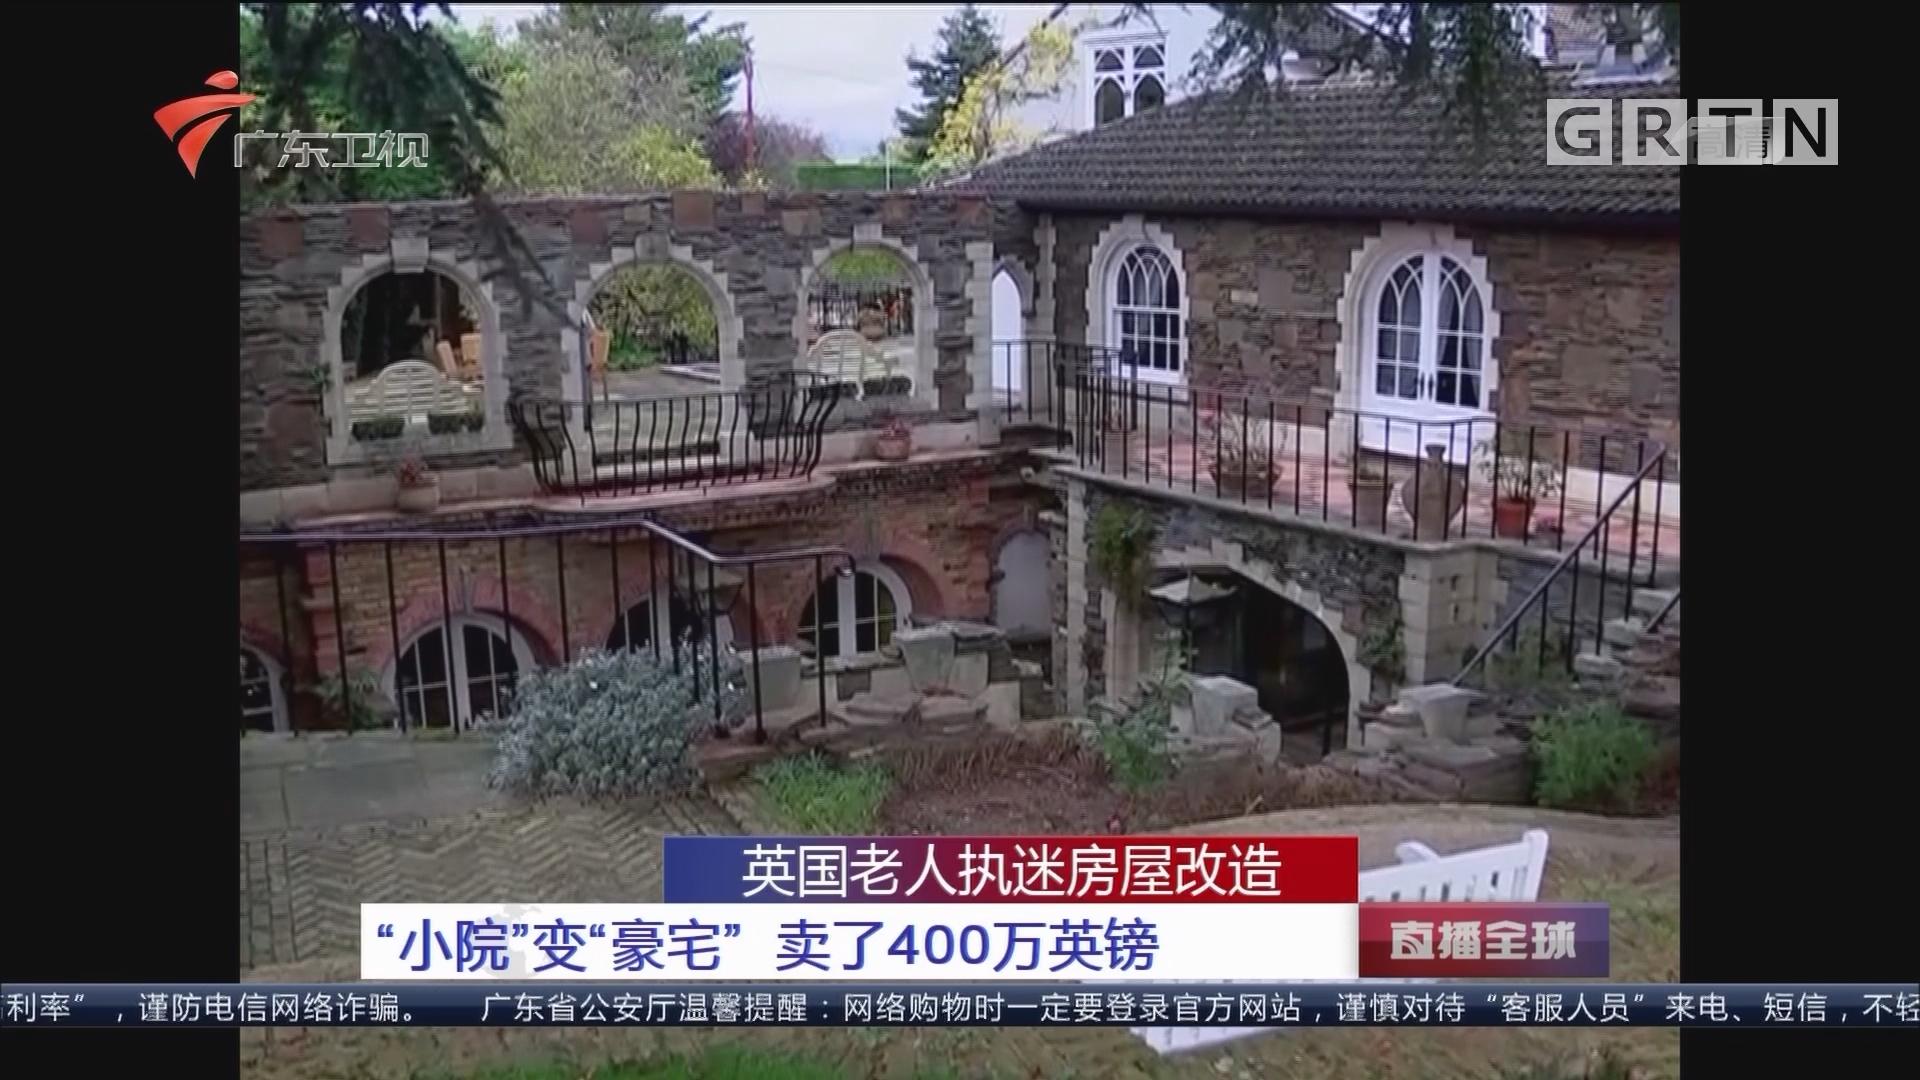 """英国老人执迷房屋改造:""""小院""""变""""豪宅"""" 卖了400万英镑"""